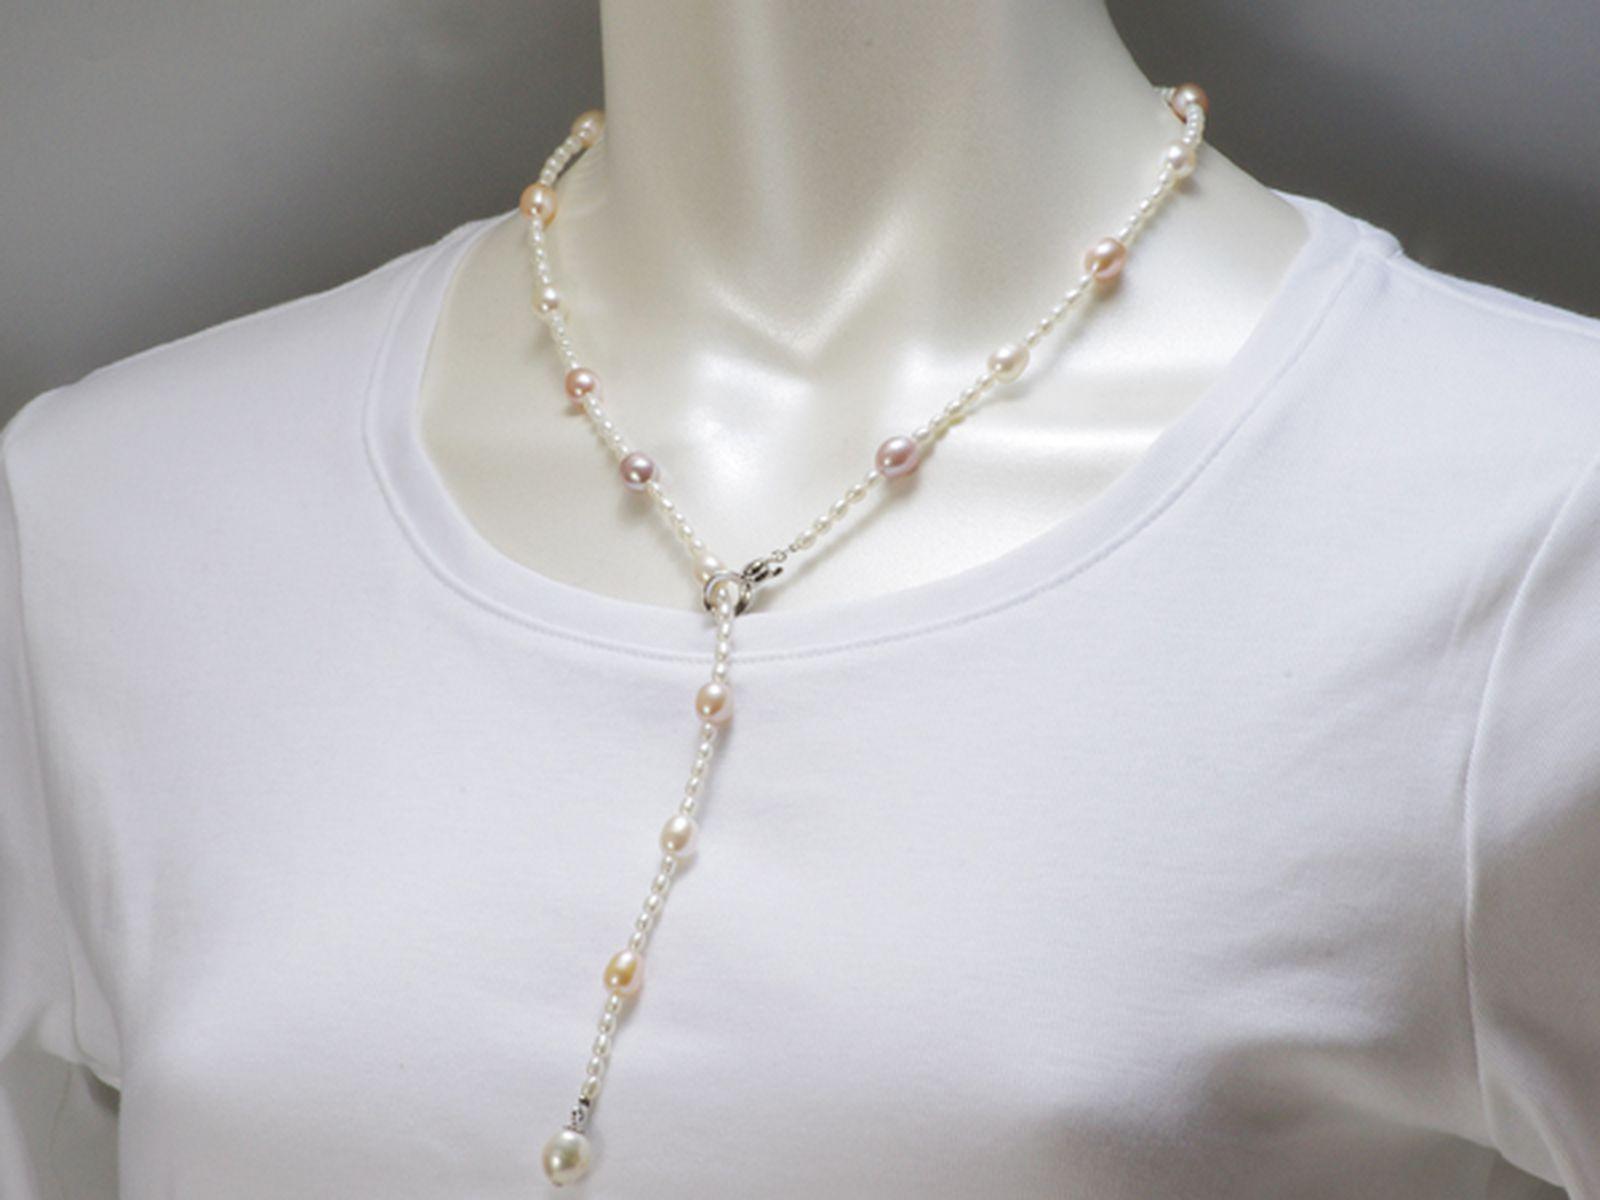 淡水真珠オリジナルデザインネックレス 約3.5-7.0MMの写真